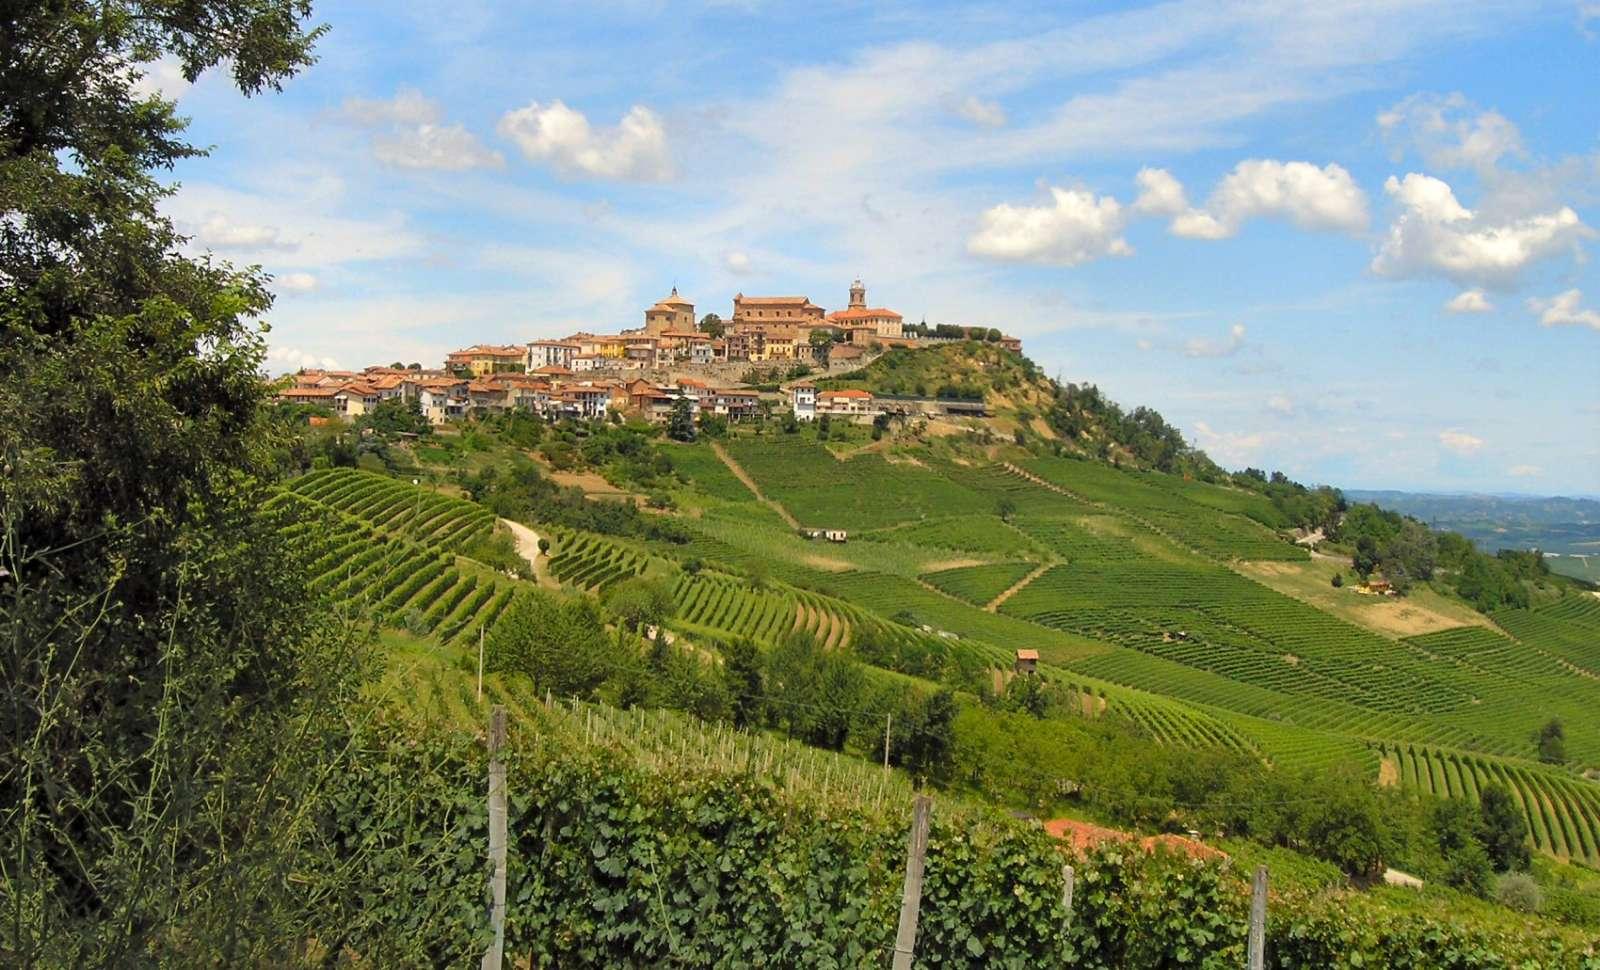 La Morras vackra placering på en höjd omgiven av vinmarker